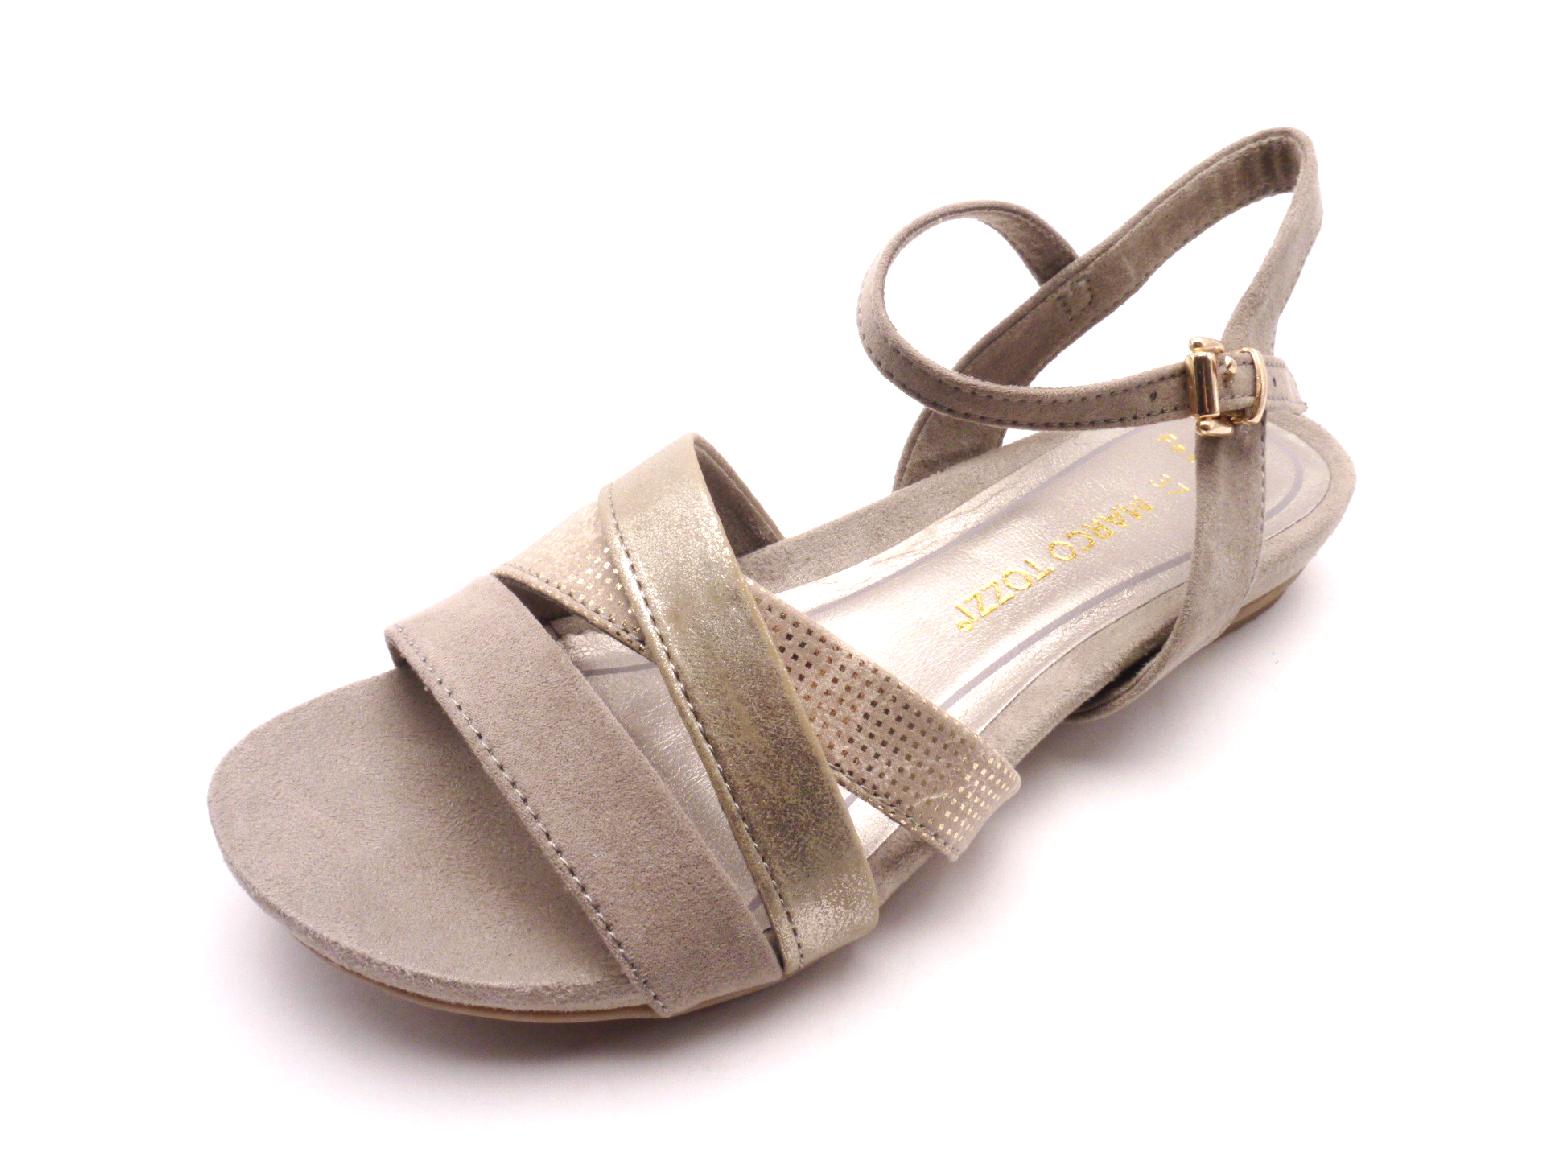 Marco Tozzi Dámské sandály 28119-28 344 Taupe Comb Velikost: 36